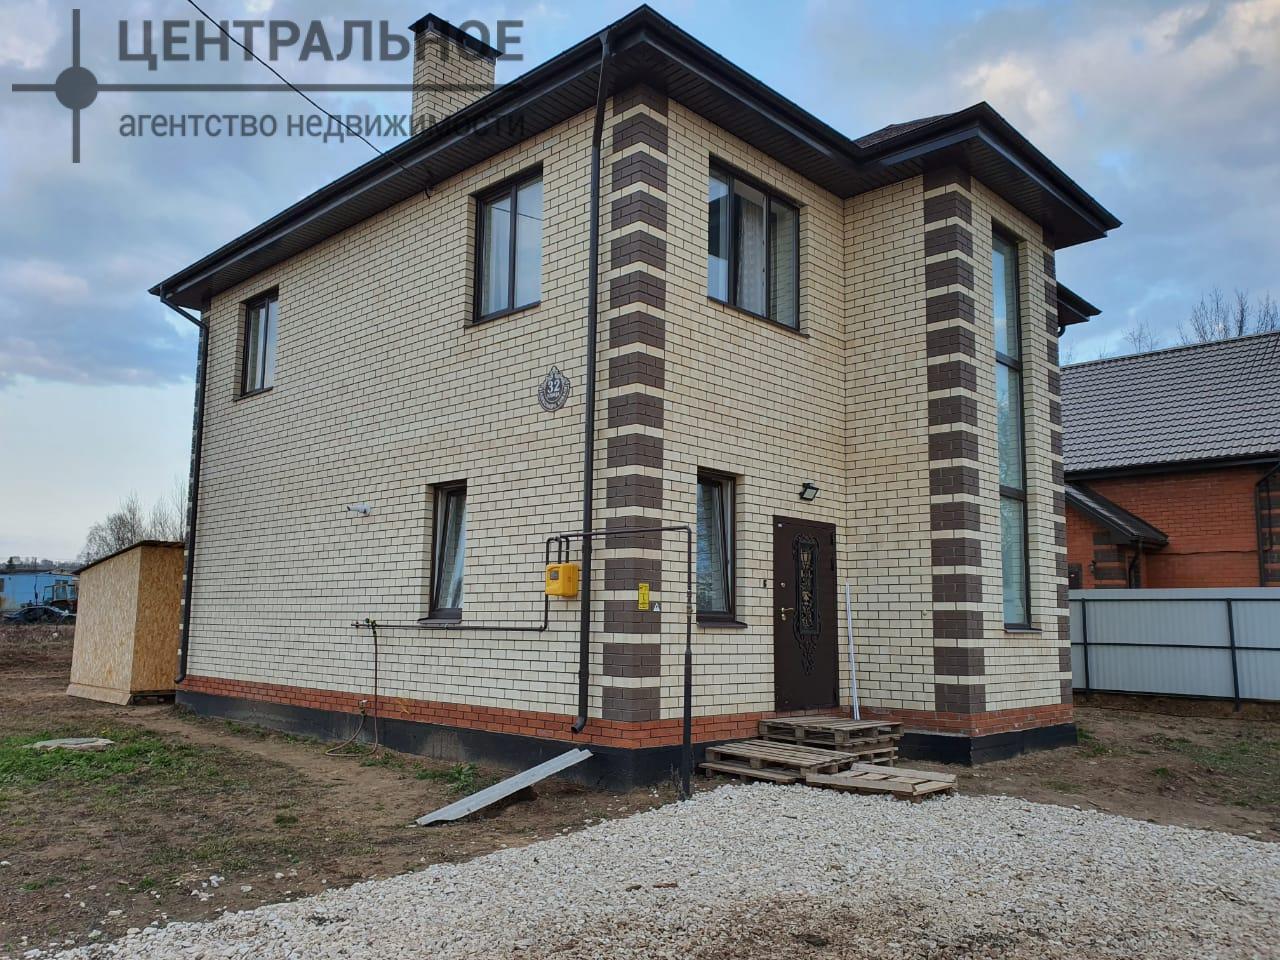 Продается дом 160 кв.м., участок 4.69 сот.